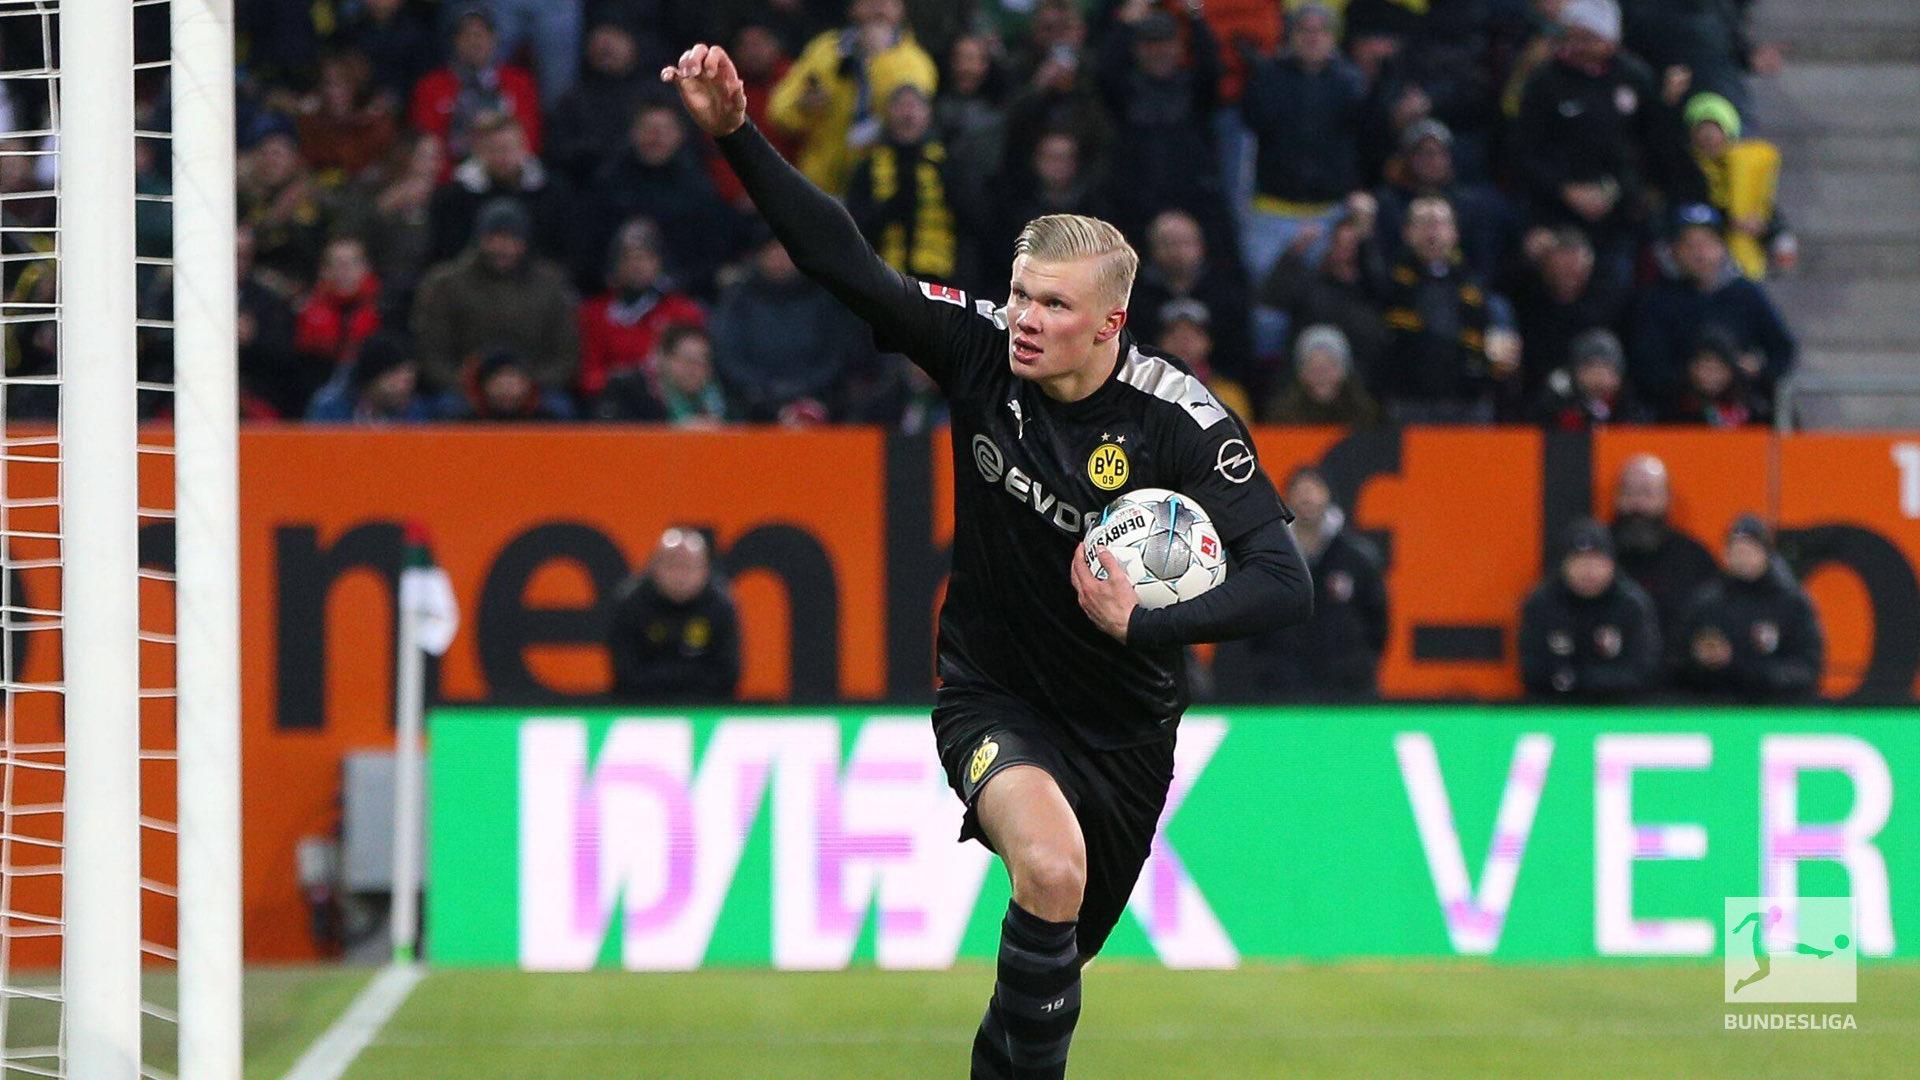 هالاند يبدأ مسيرته مع بوروسيا دورتموند بهاتريك